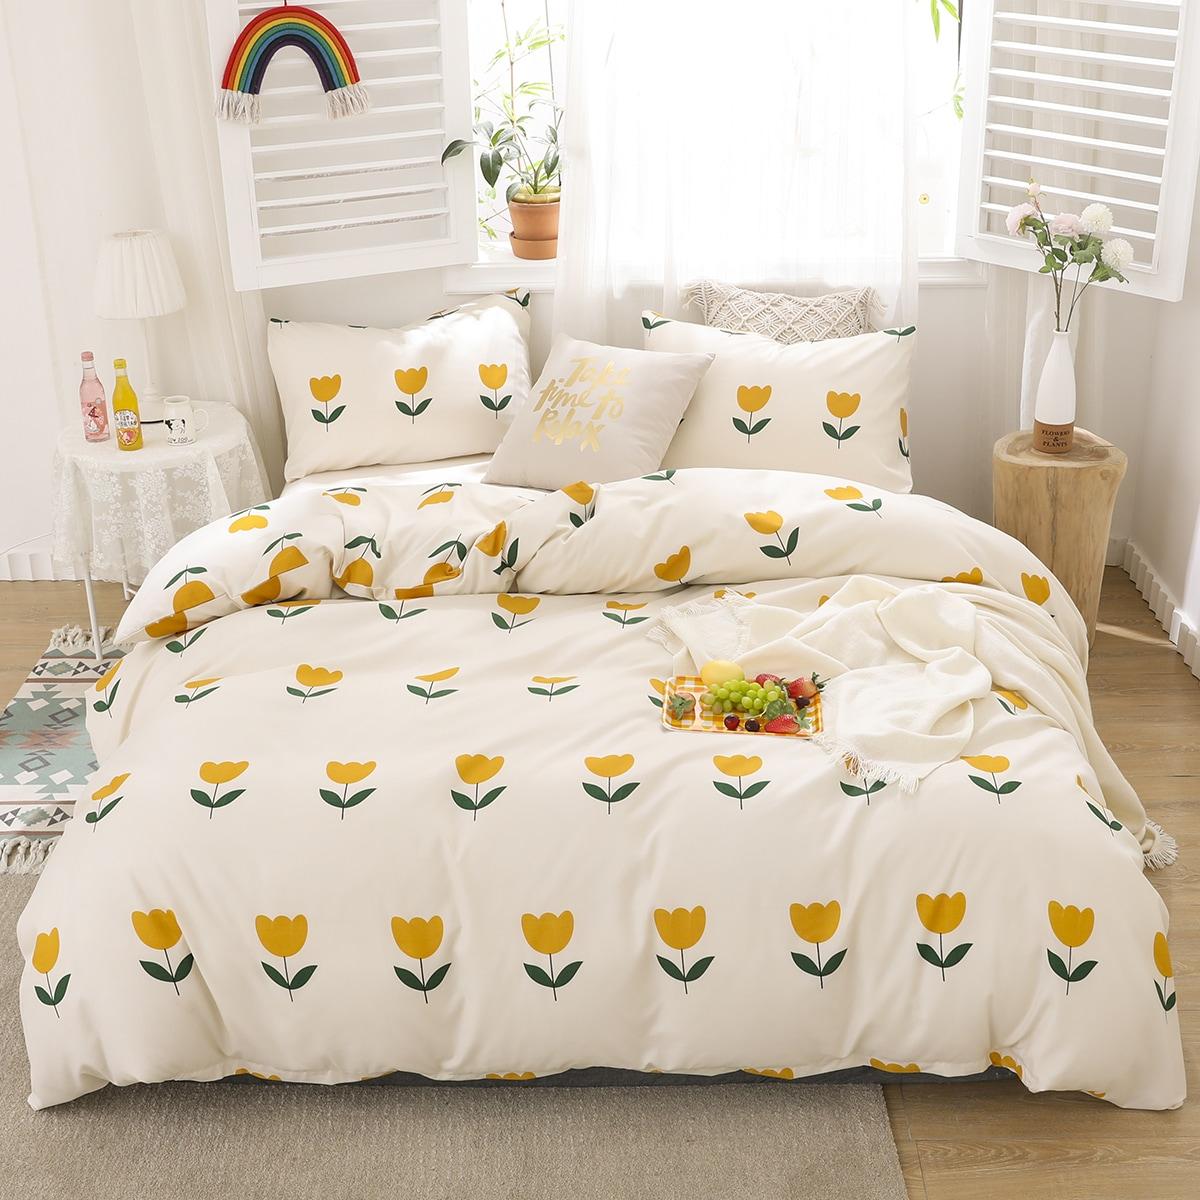 Комплект постельного белья с цветочным принтом без наполнителя фото